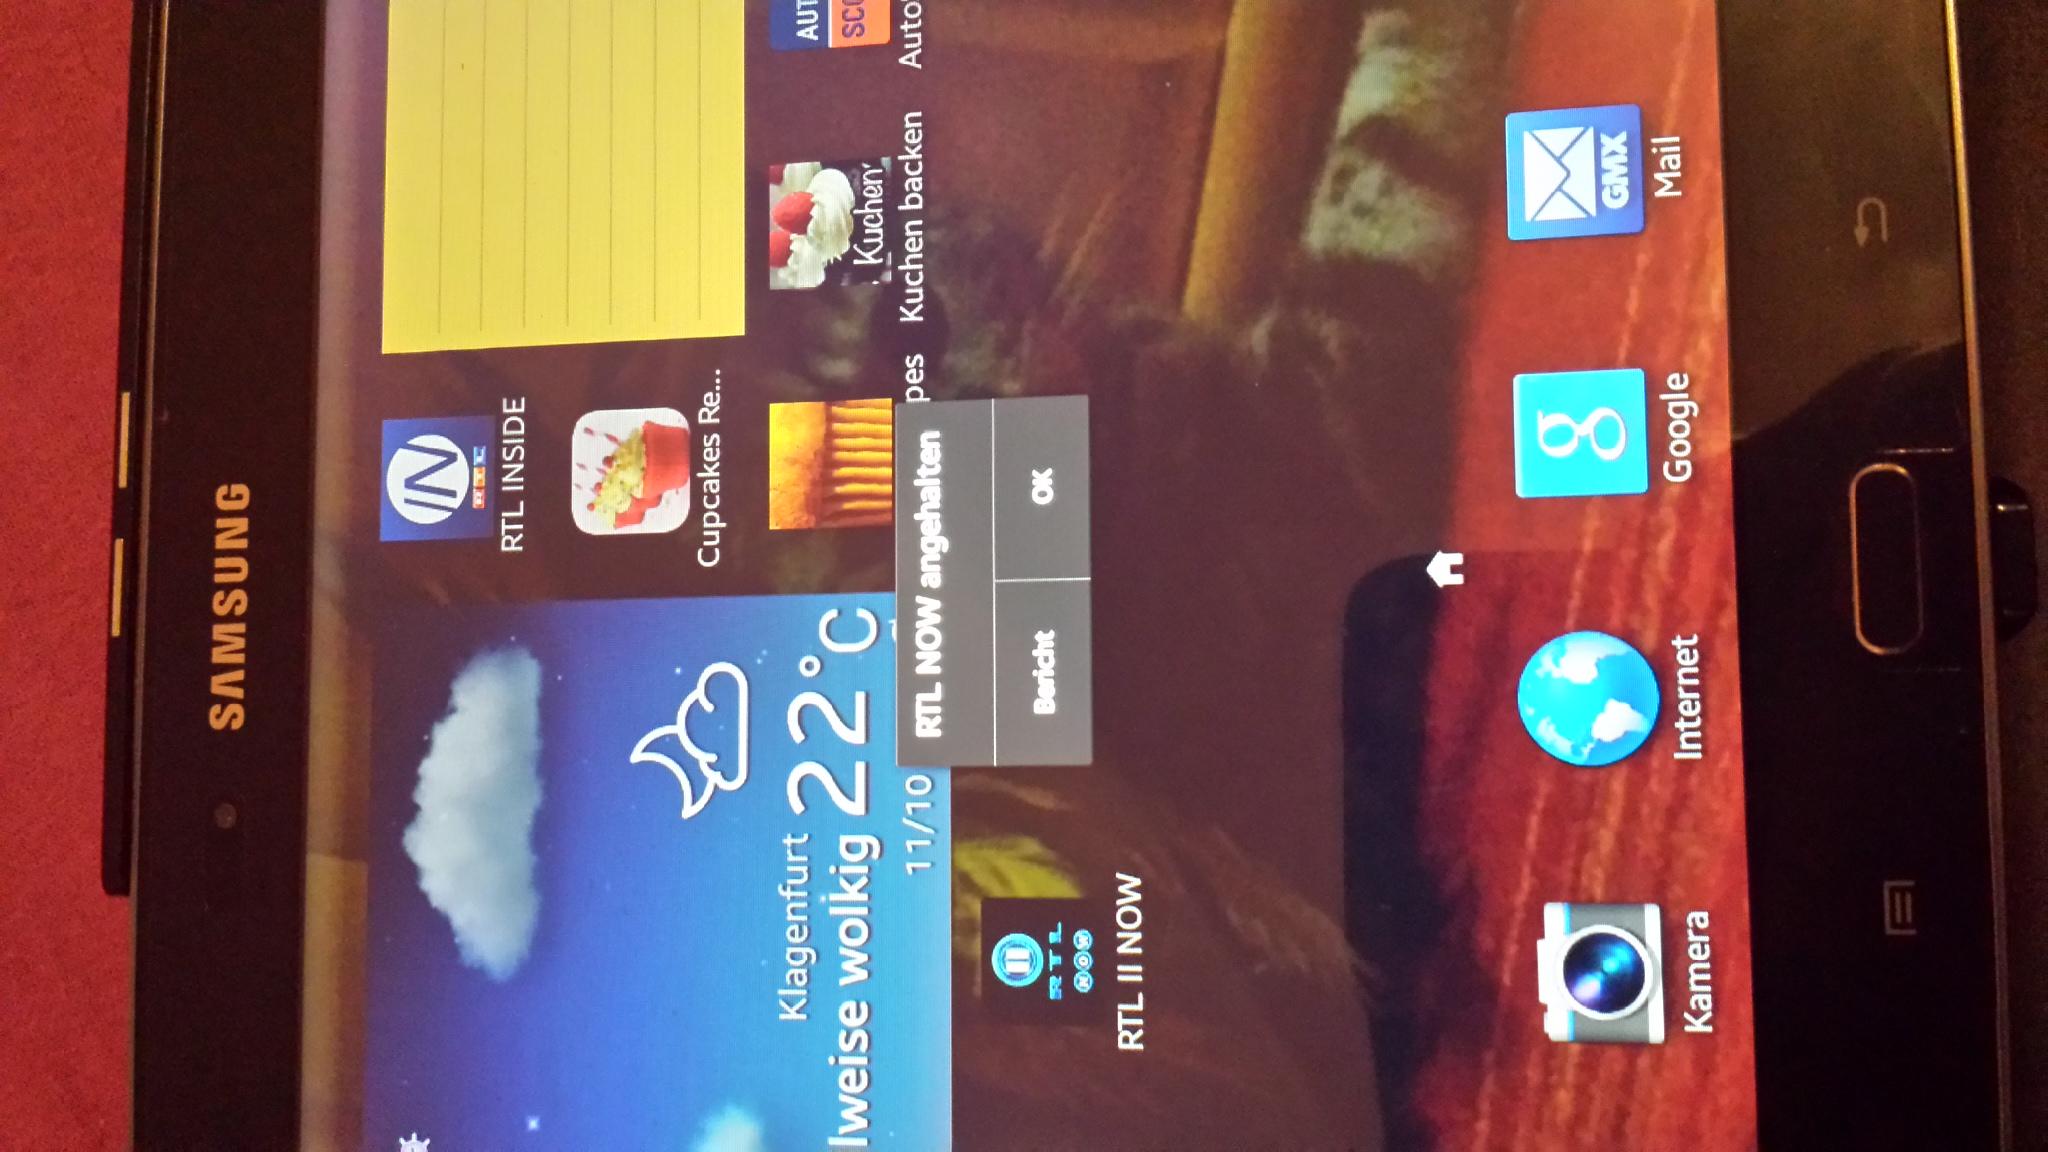 warum funktioniert rtl now auf meinem android tab nicht. Black Bedroom Furniture Sets. Home Design Ideas